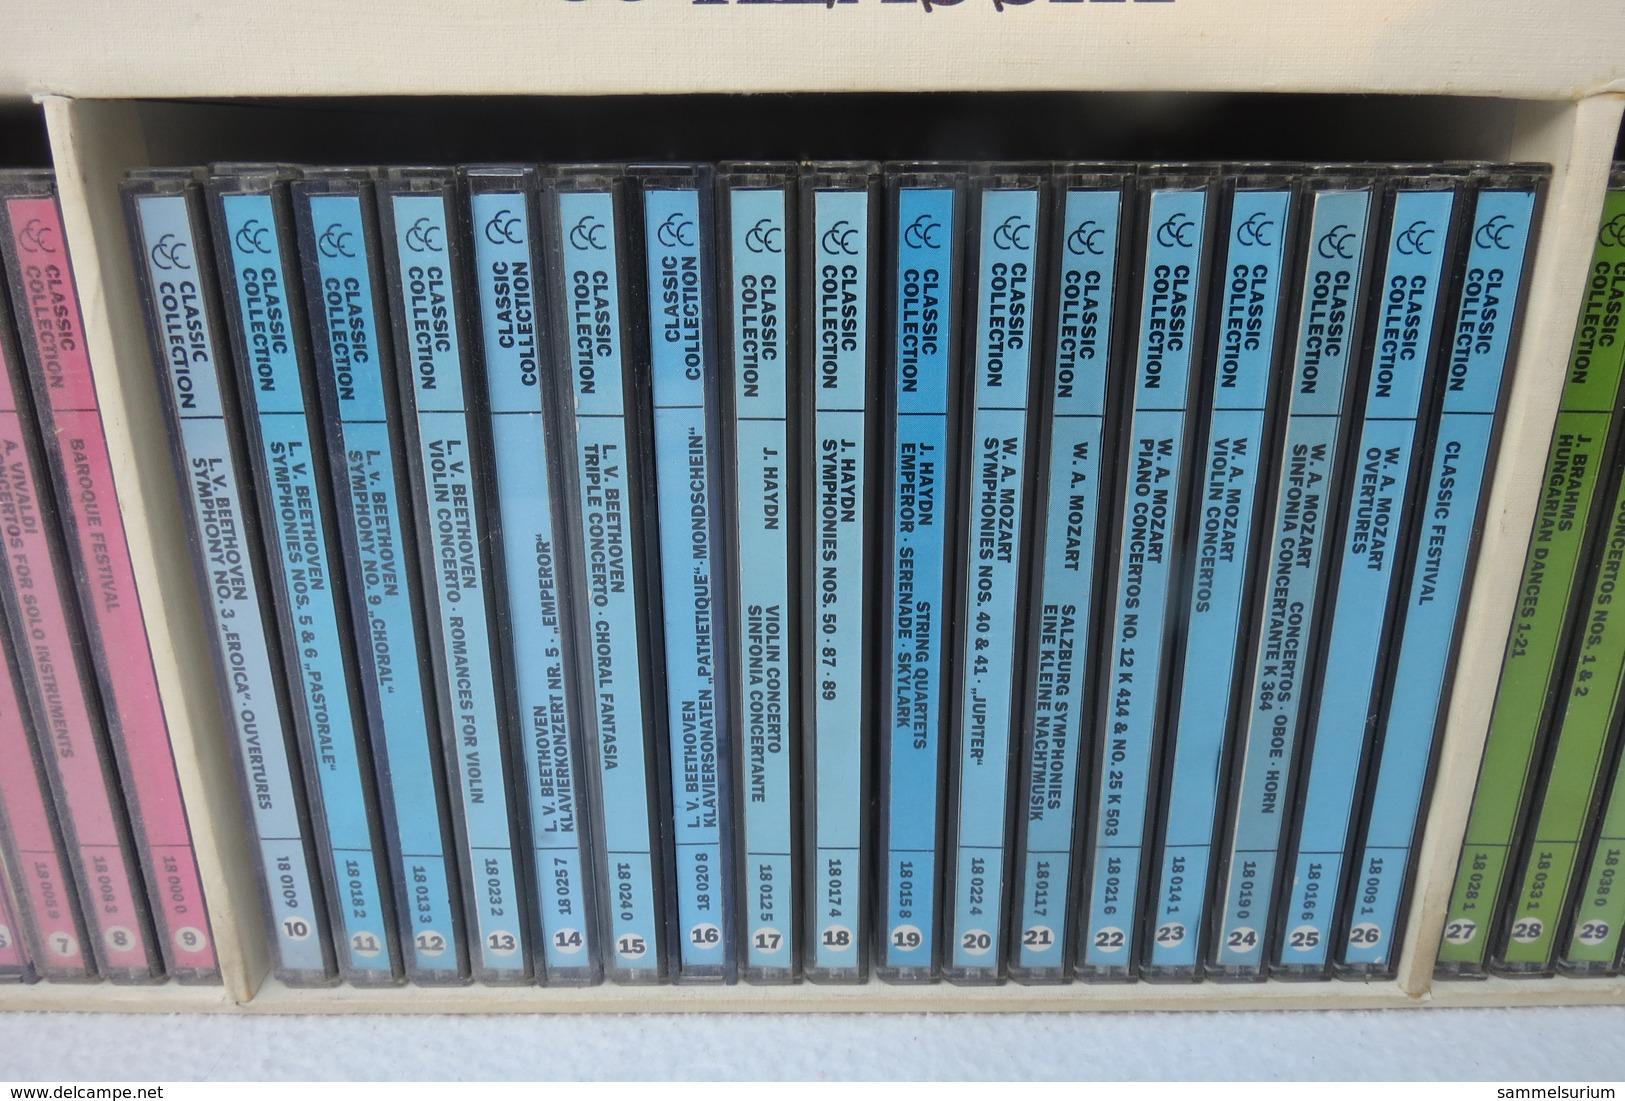 """43 CDs """"CCC Classic Collection"""" - Klassik"""